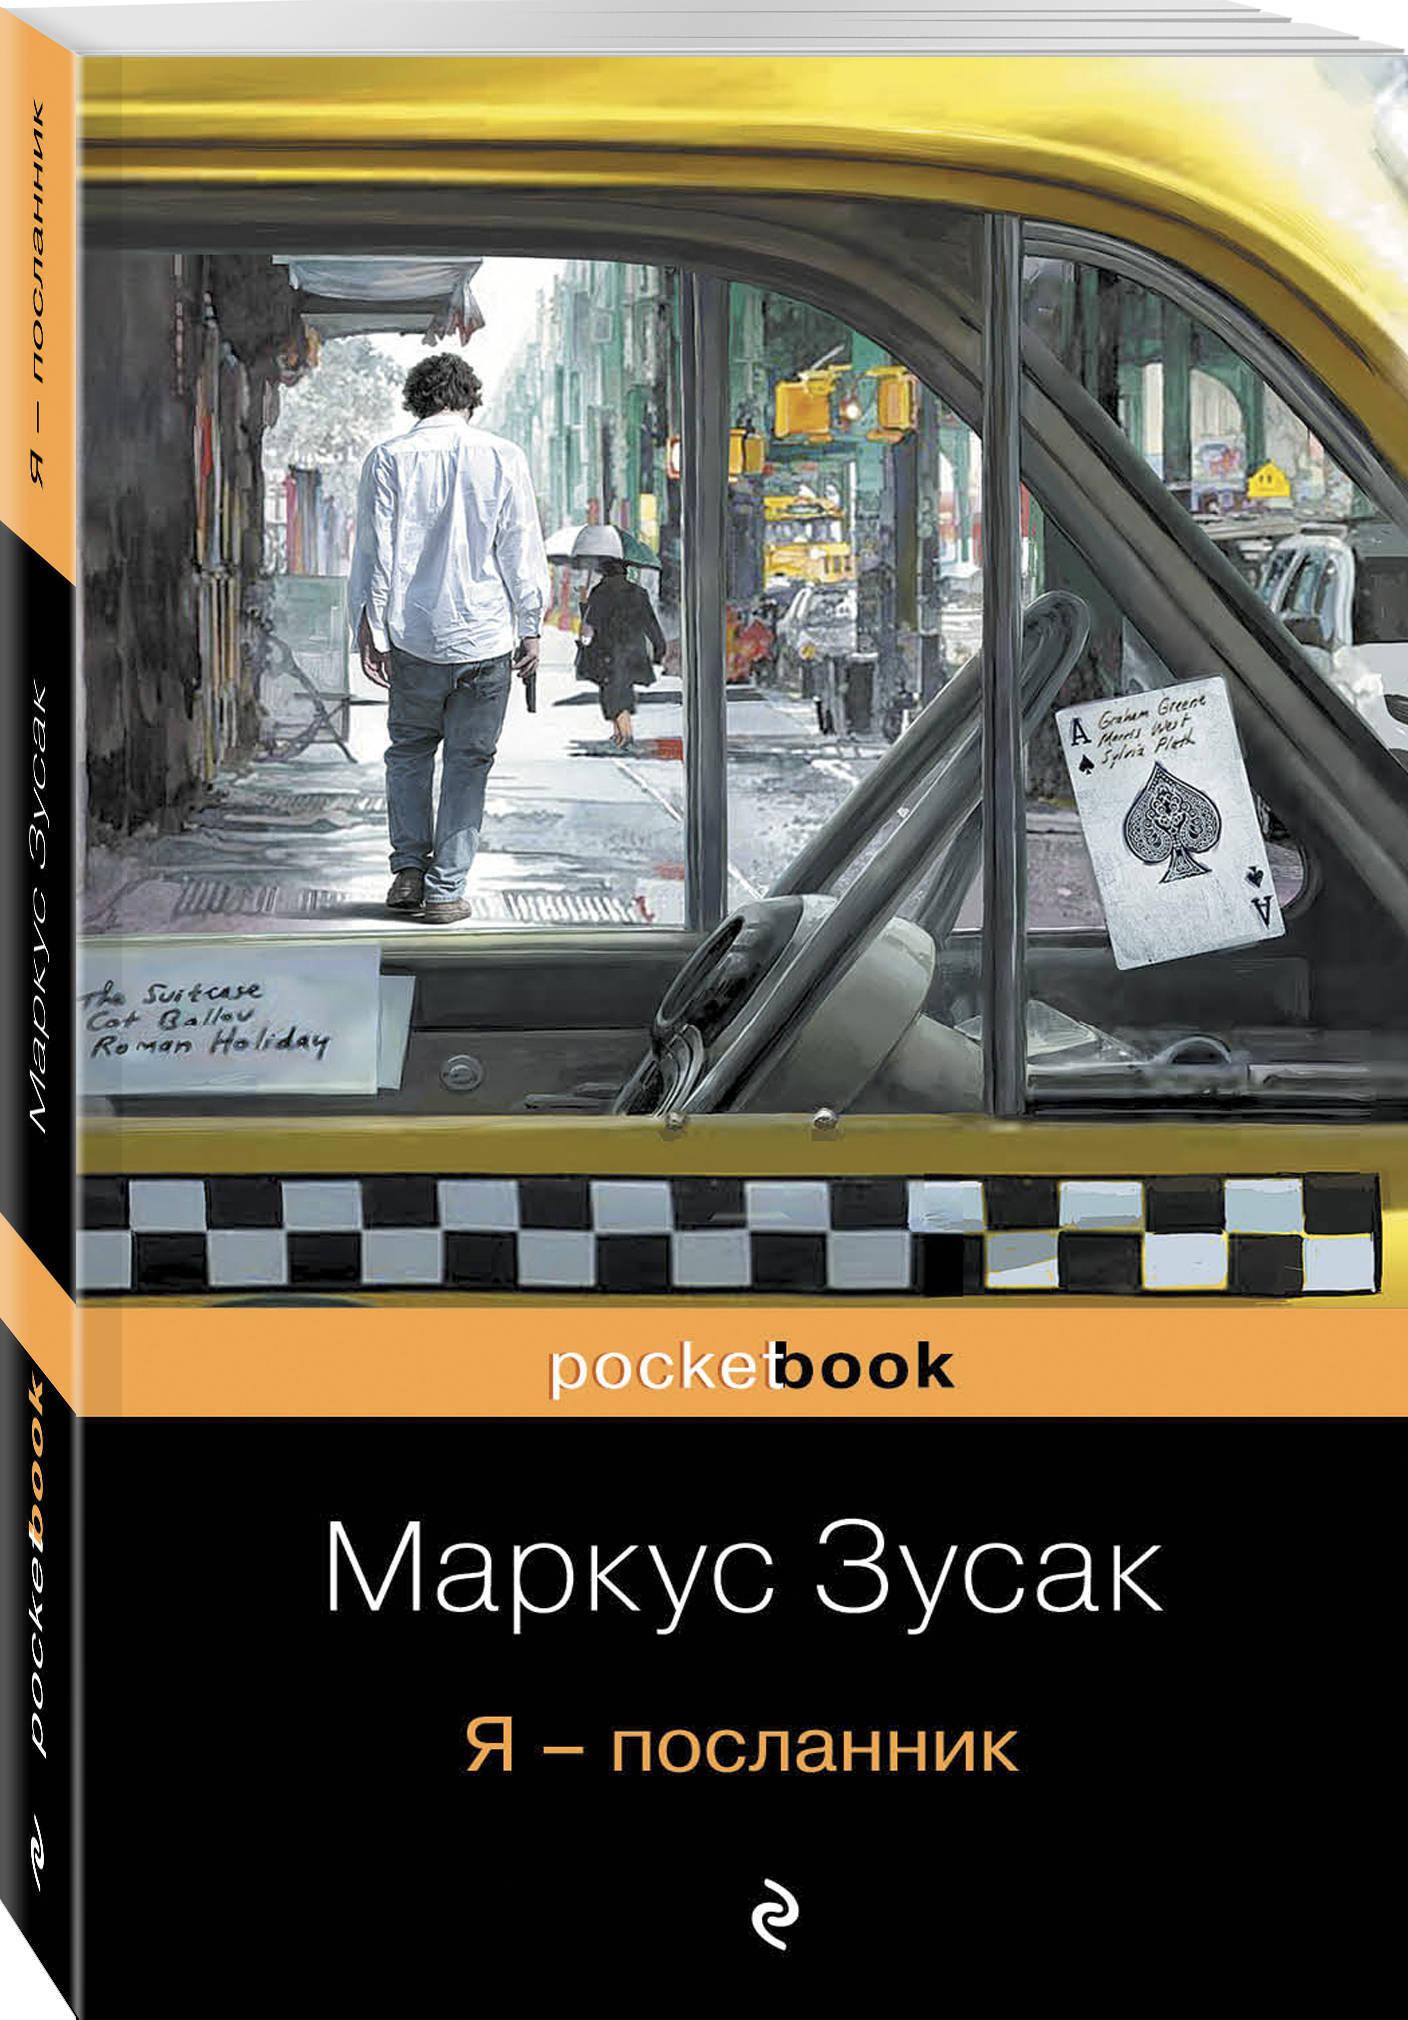 Сигареты купить в иркутске с доставкой hdd электронные сигареты купить